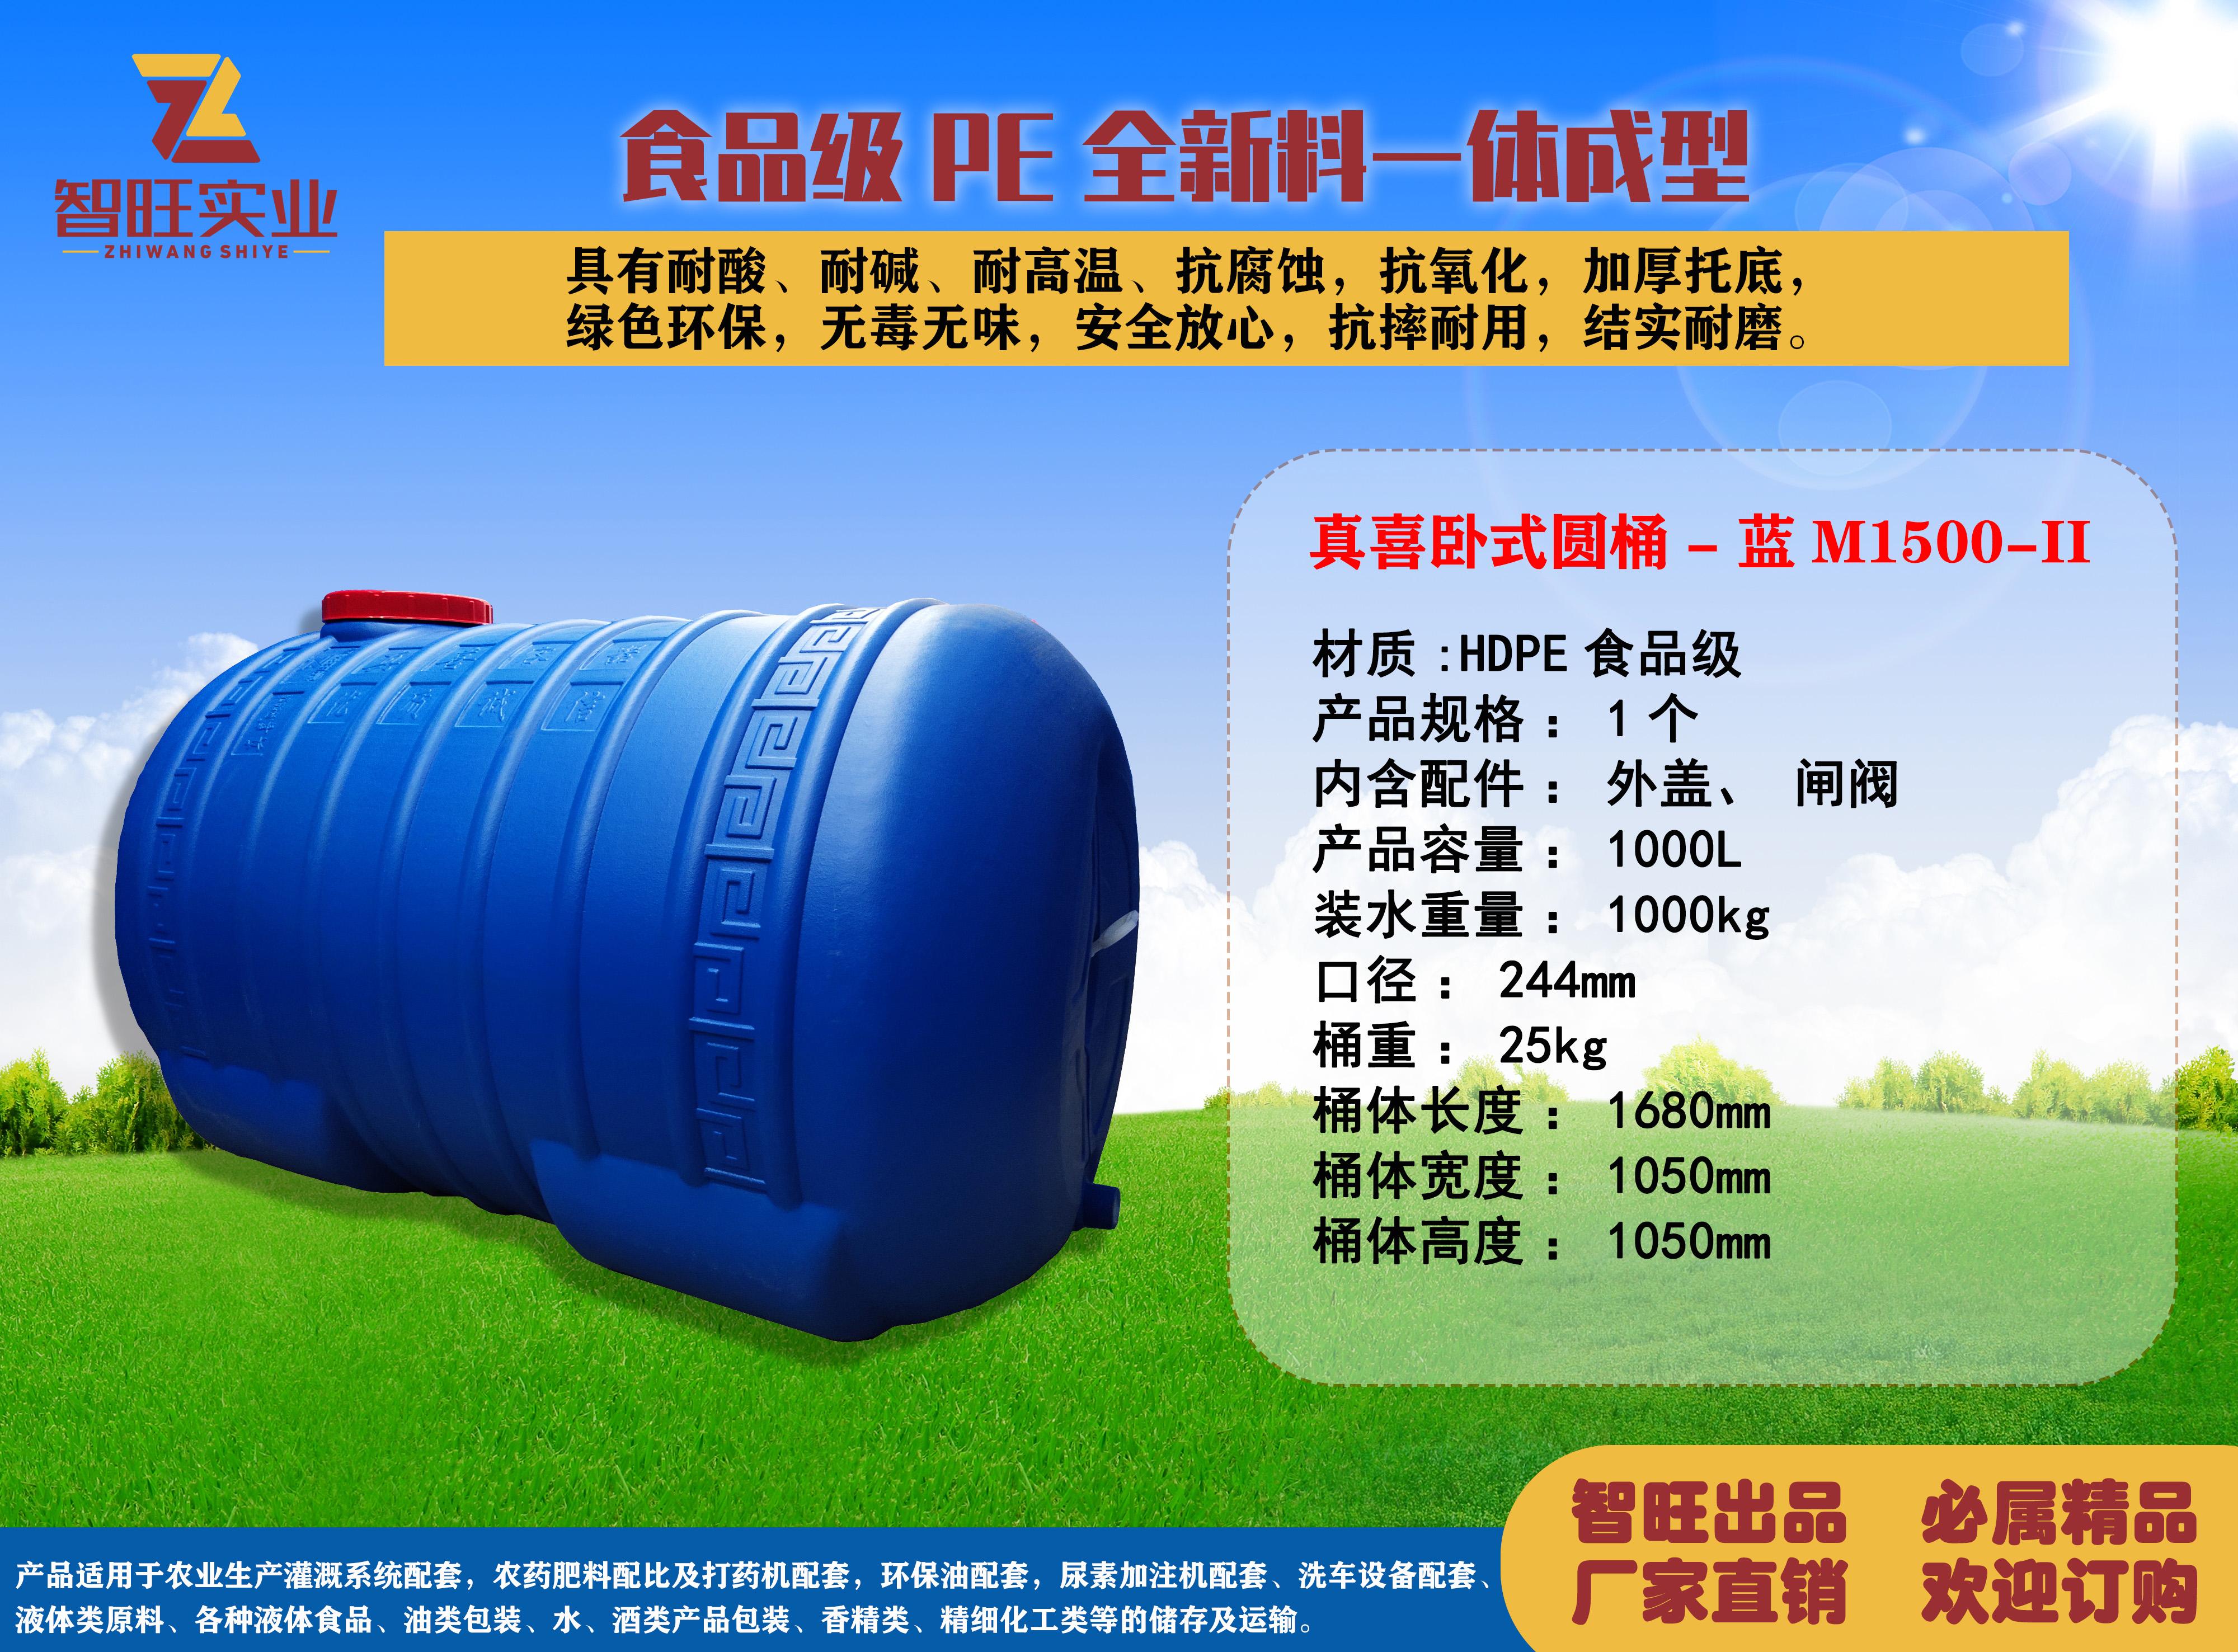 真喜臥式圓 桶-藍M1500-II型